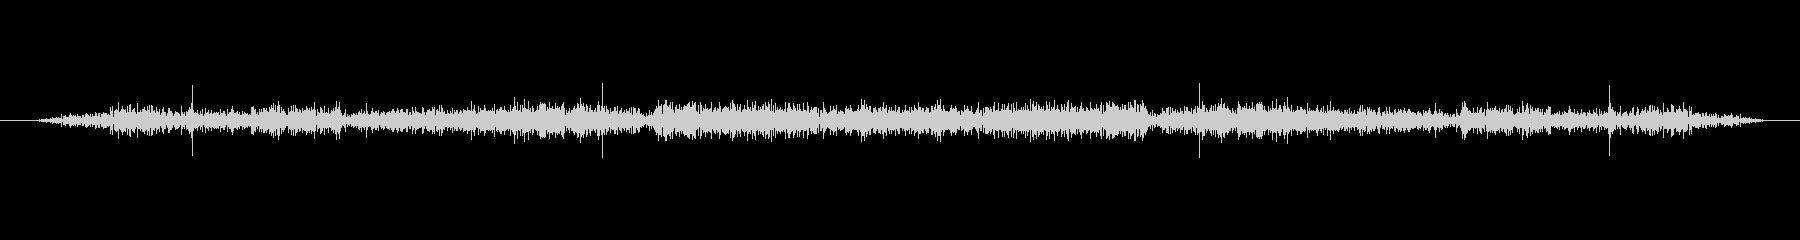 ラジオスタティック、トランシーバーの未再生の波形